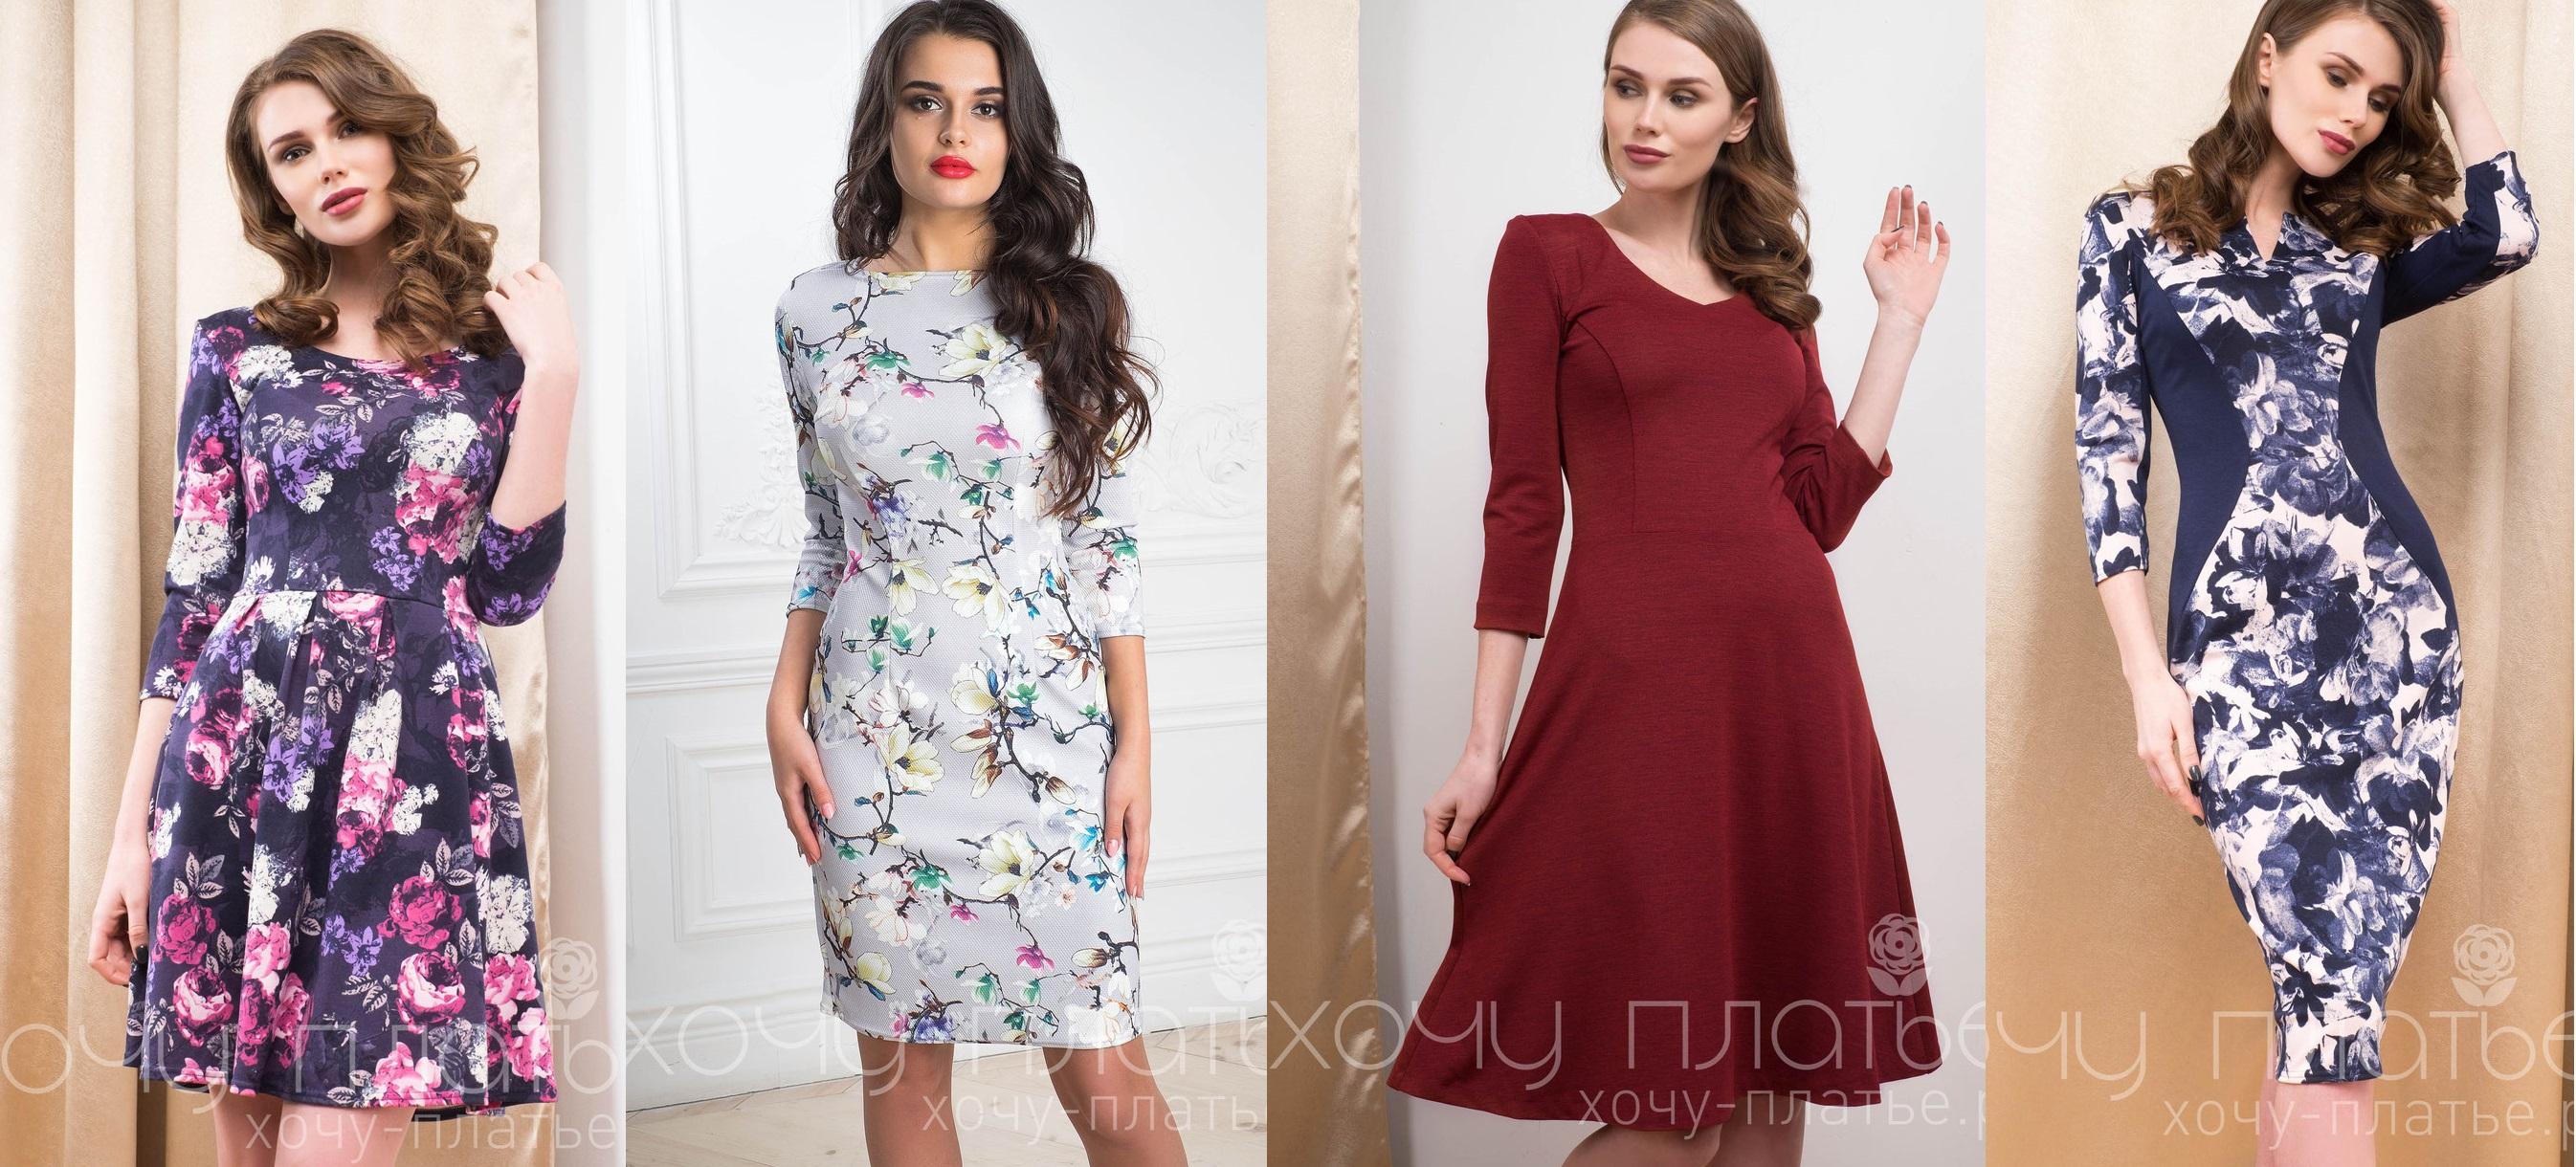 Хочу платье! Очаровательные платья от производителя.